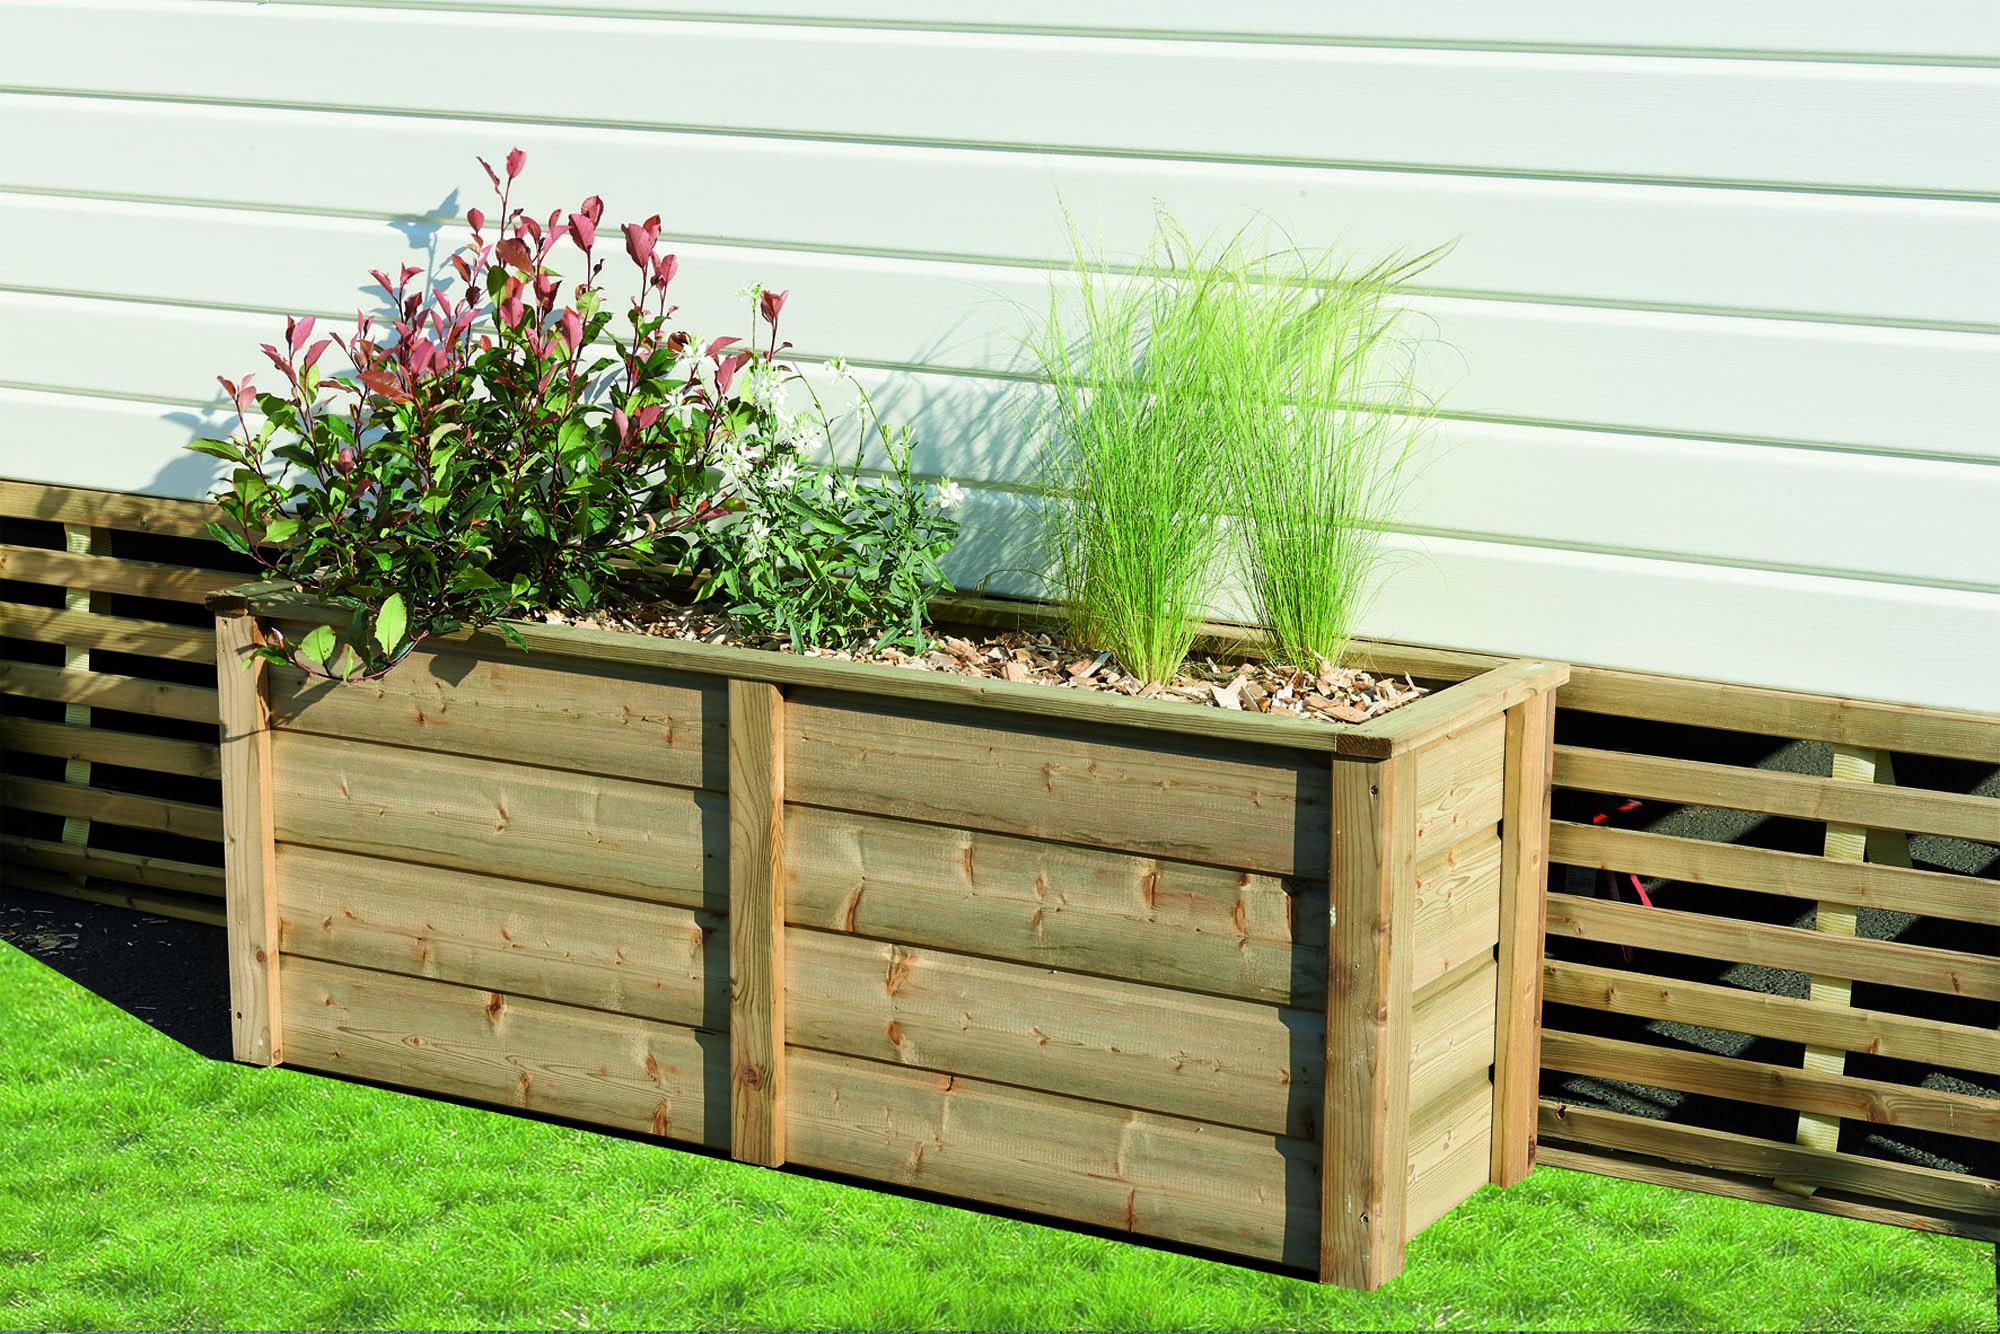 jardini re pour jardin et terrasse de mobil home clairval acheter accessoire terrasse. Black Bedroom Furniture Sets. Home Design Ideas